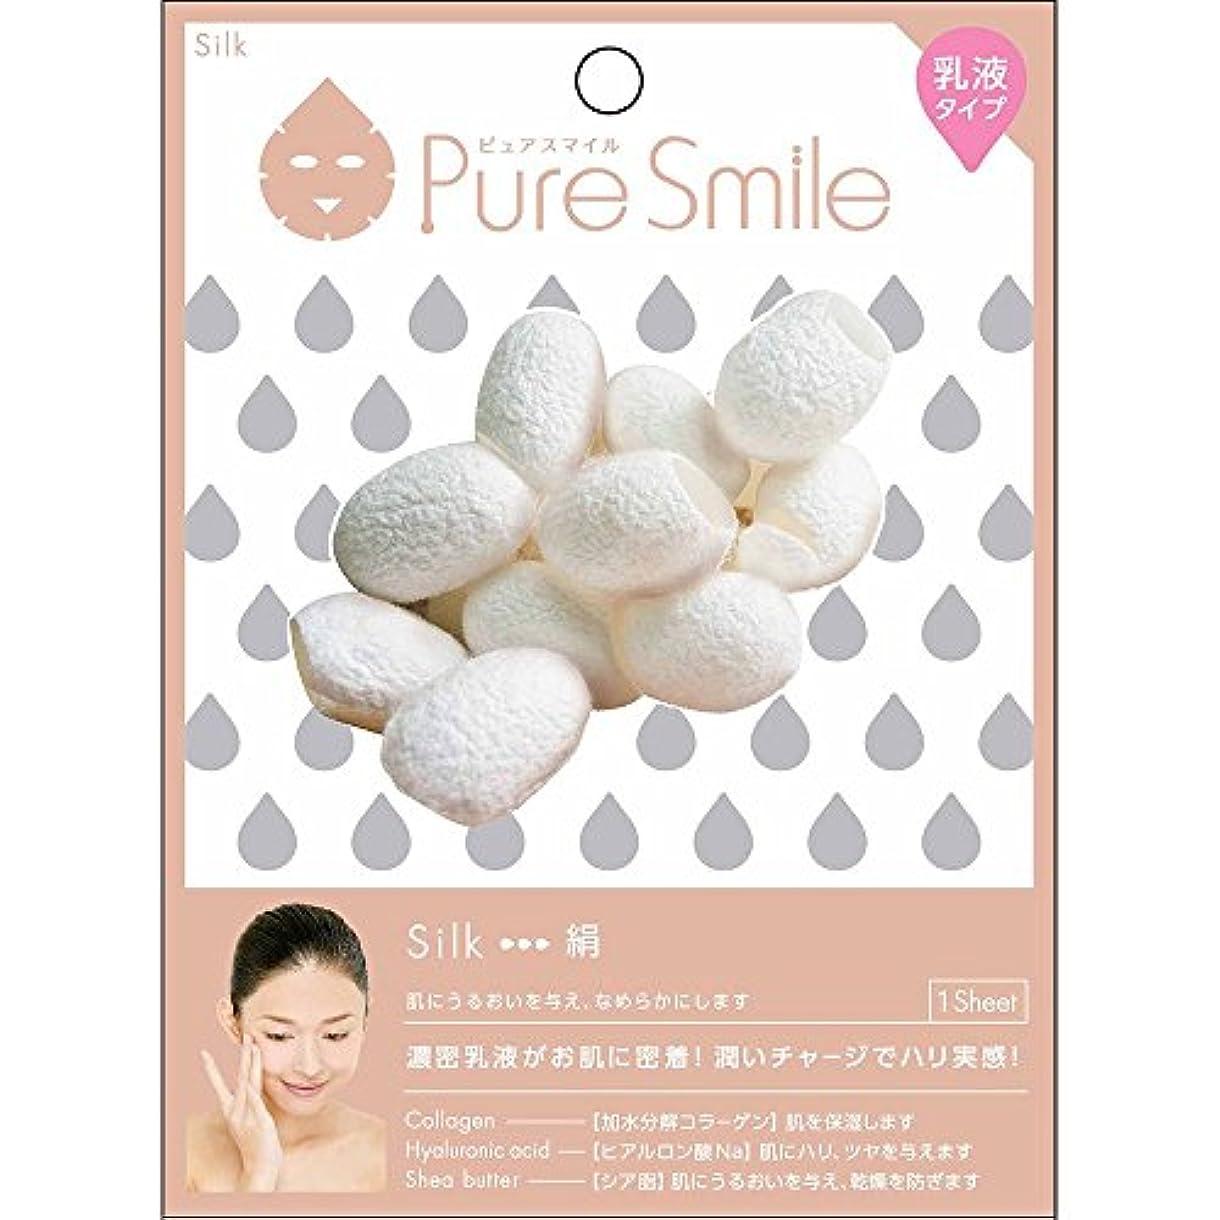 クリスマス象立証するPure Smile(ピュアスマイル) 乳液エッセンスマスク 1 枚 絹